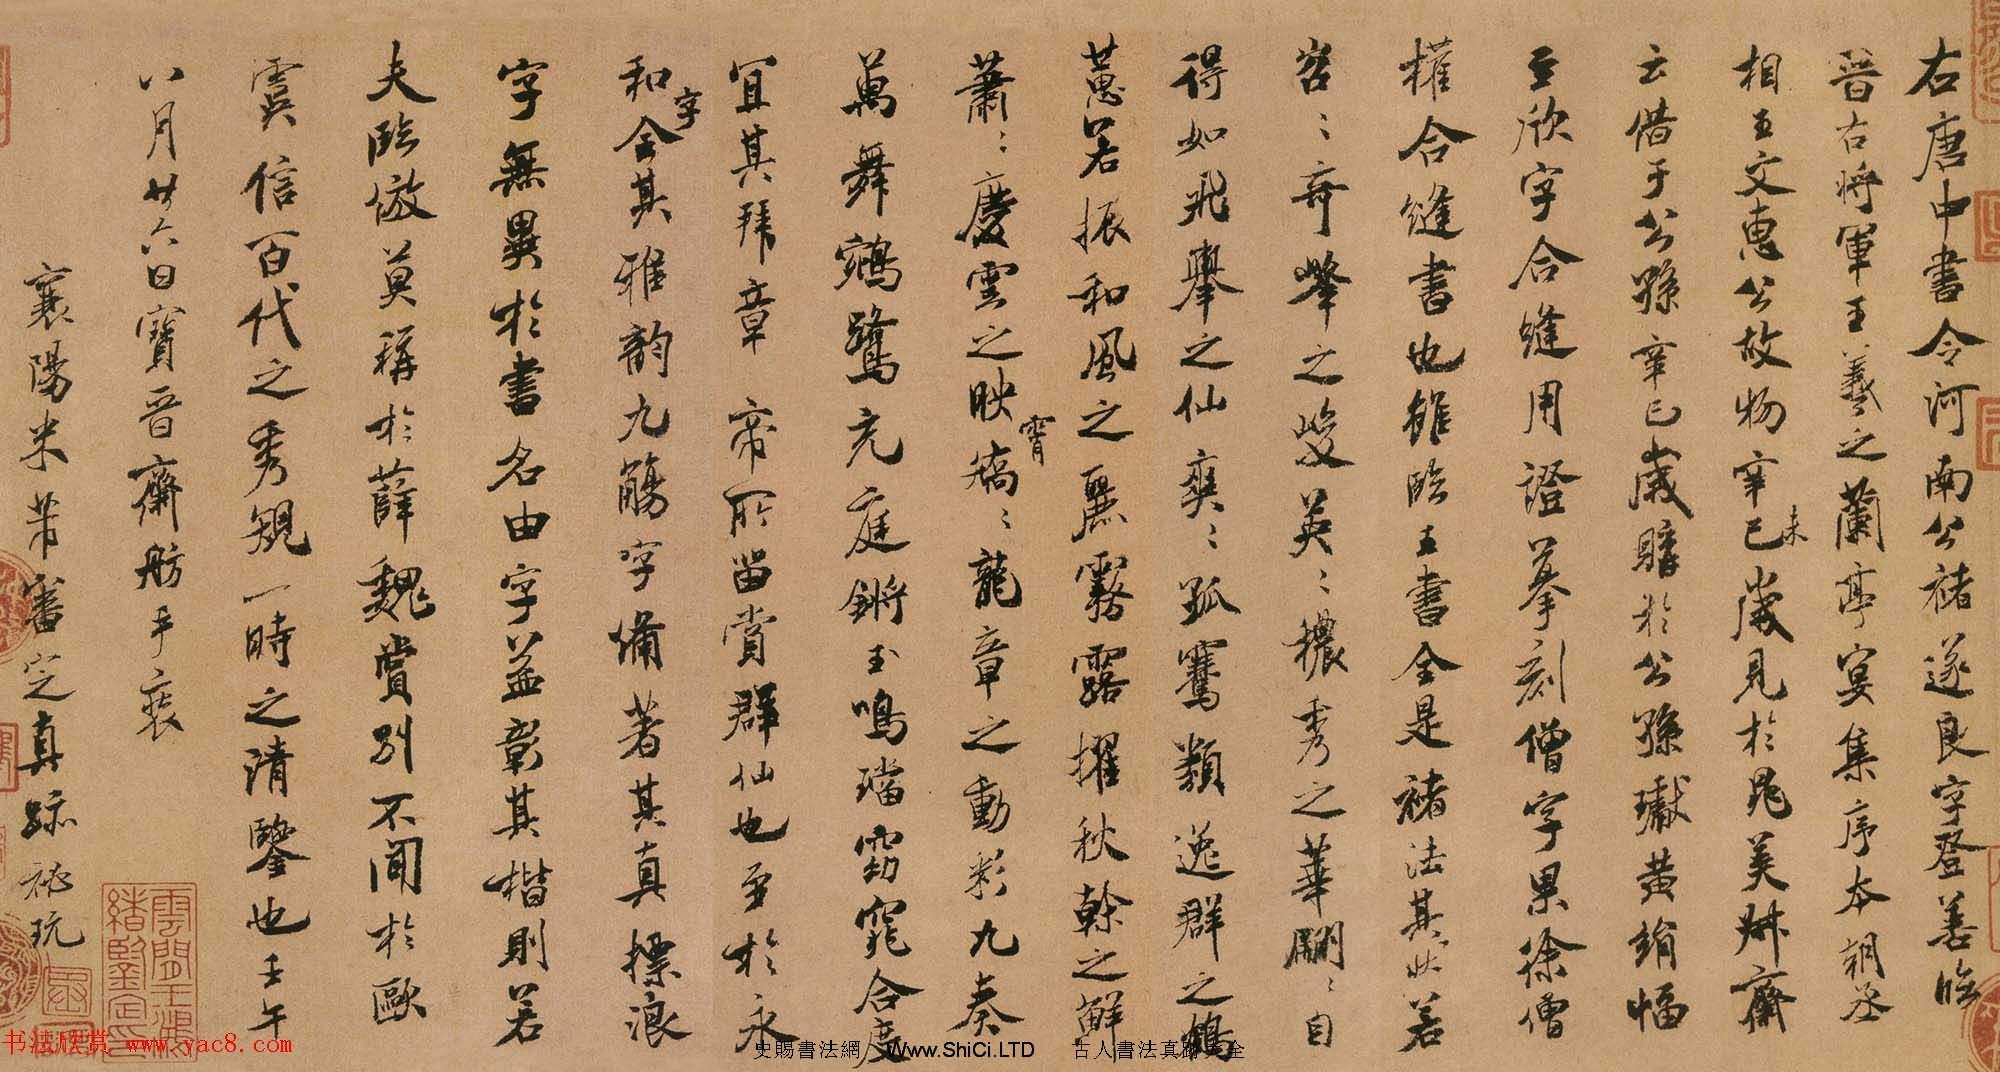 米芾書法題跋字帖《褚遂良摹蘭亭序跋贊》兩種(共2張圖片)